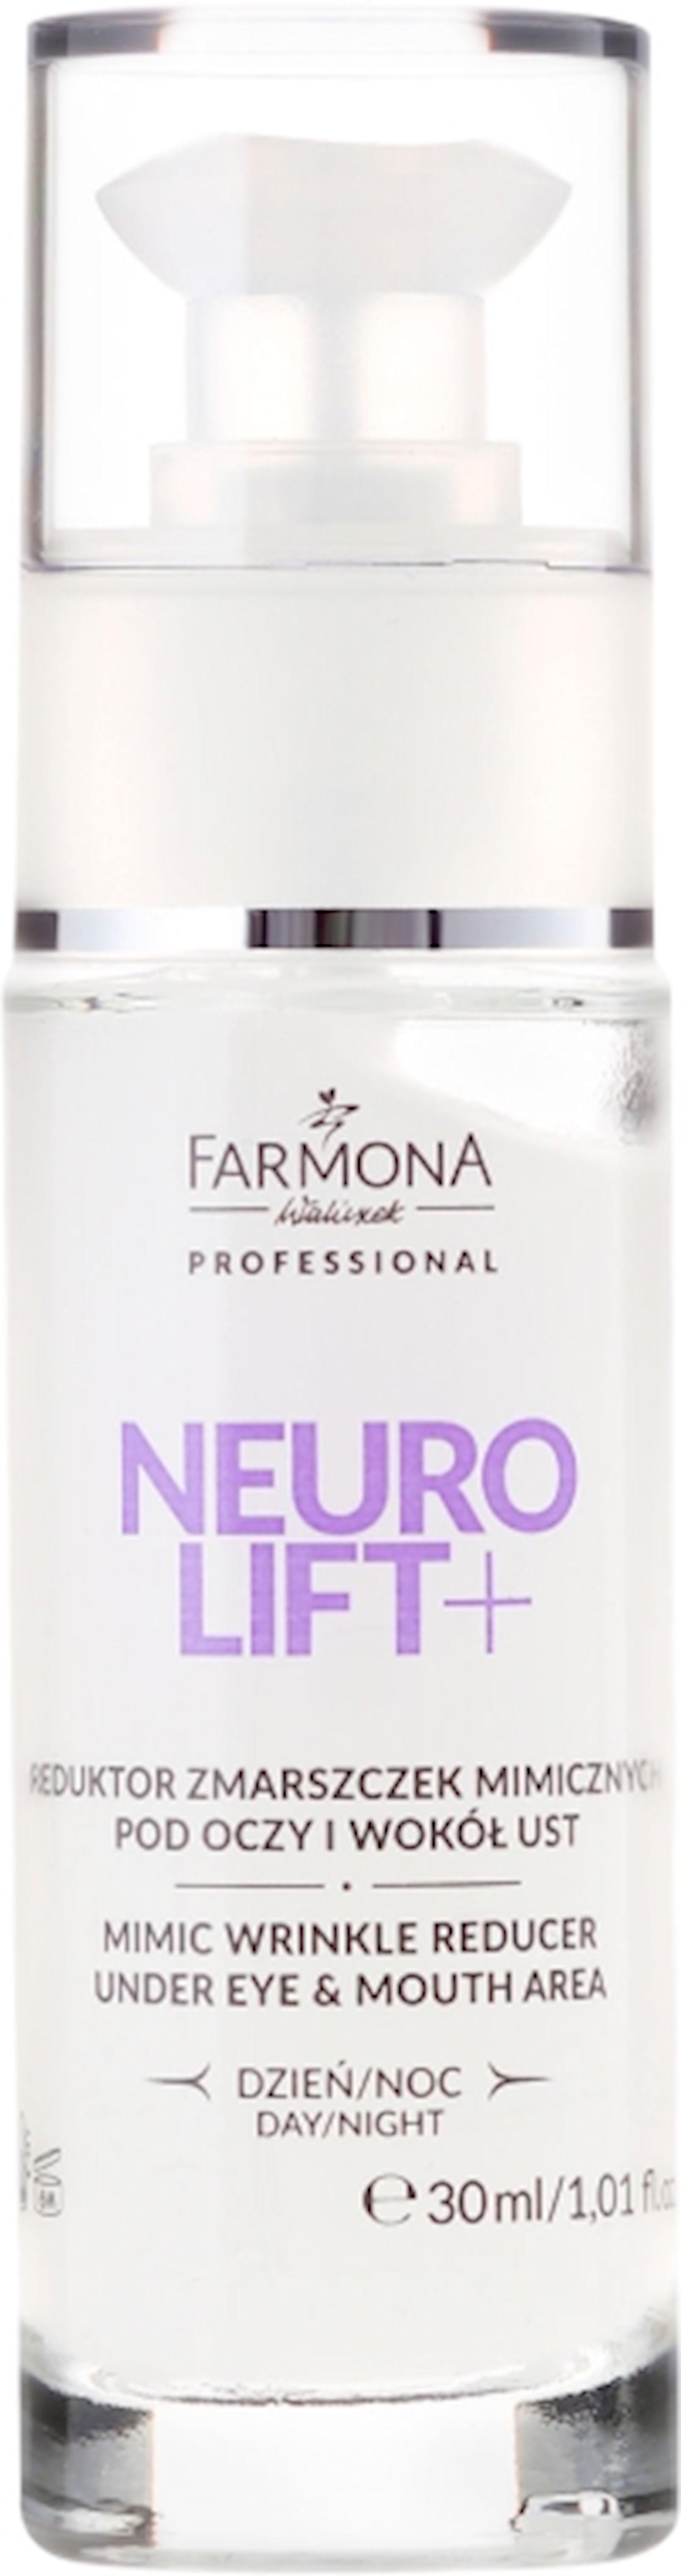 Göz qapağı kremi Farmona Neuro Lift+ Mimic Wrinkle Reducer